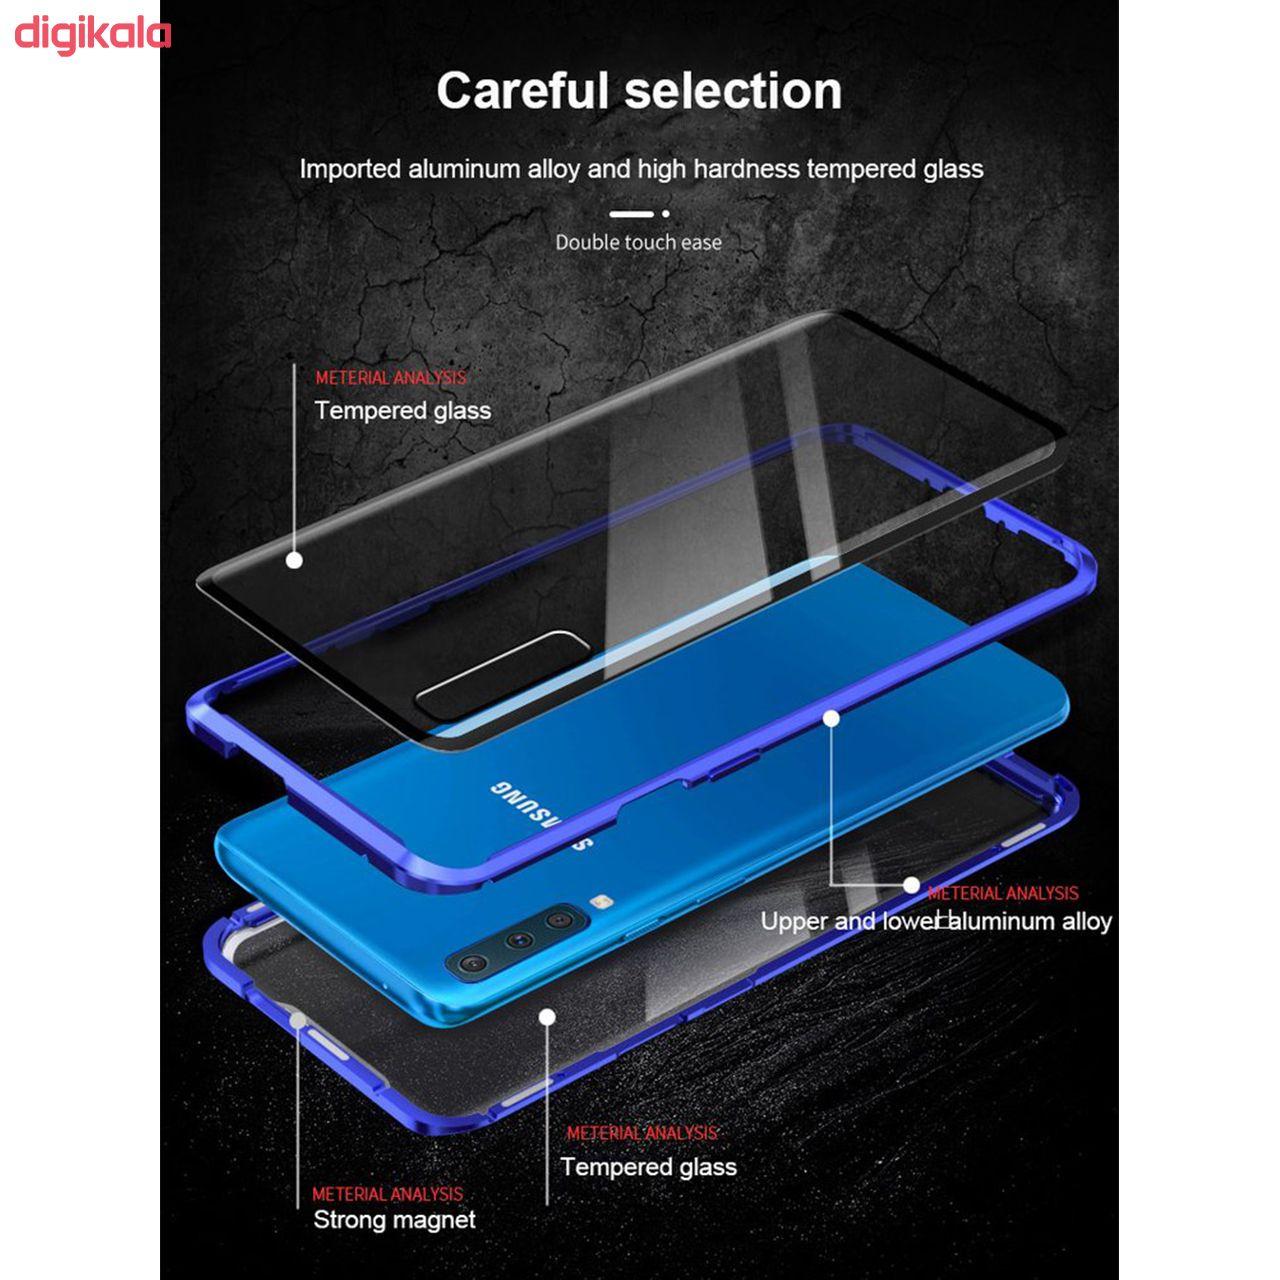 کاور 360 درجه مدل P MAG مناسب برای گوشی موبایل سامسونگ Galaxy A50/A50s/a30s